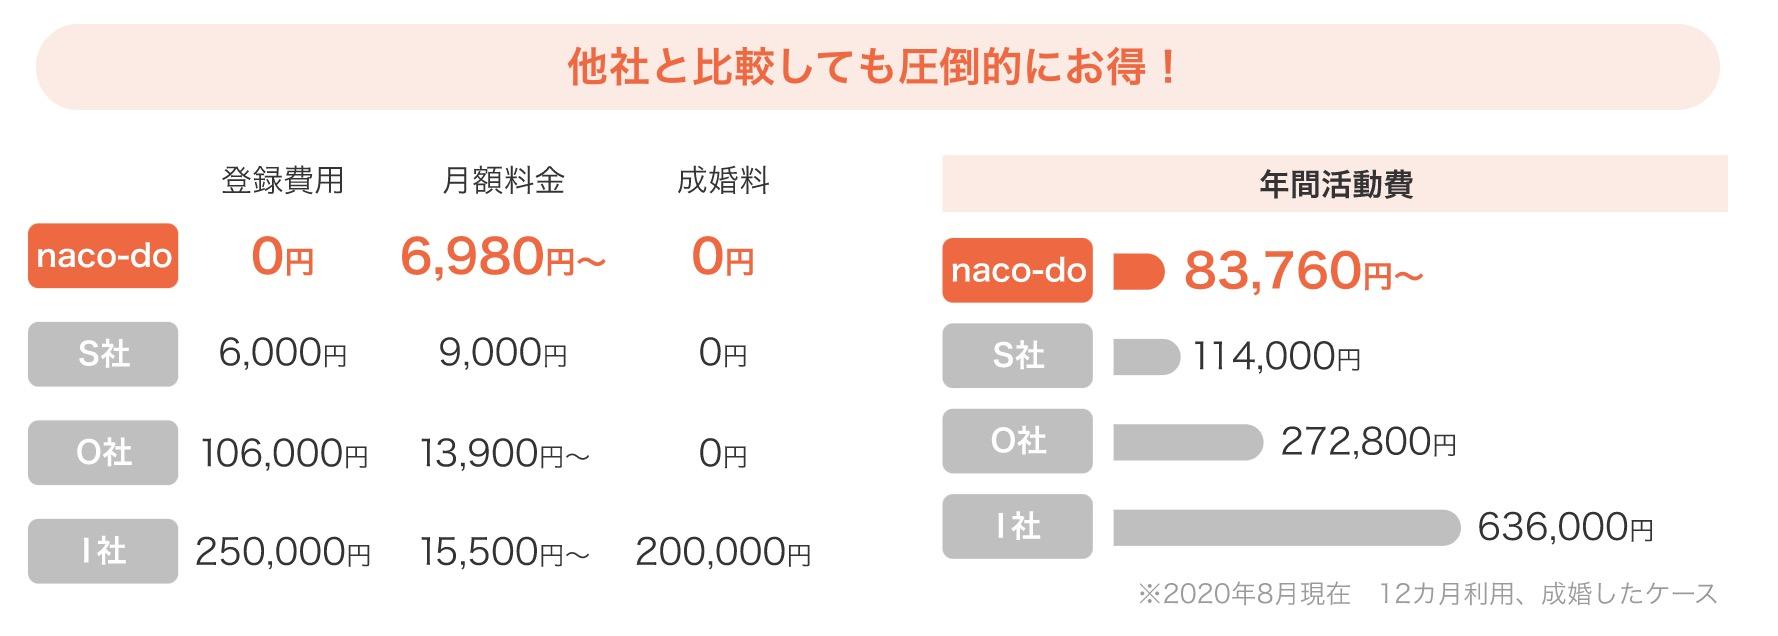 naco-do fee